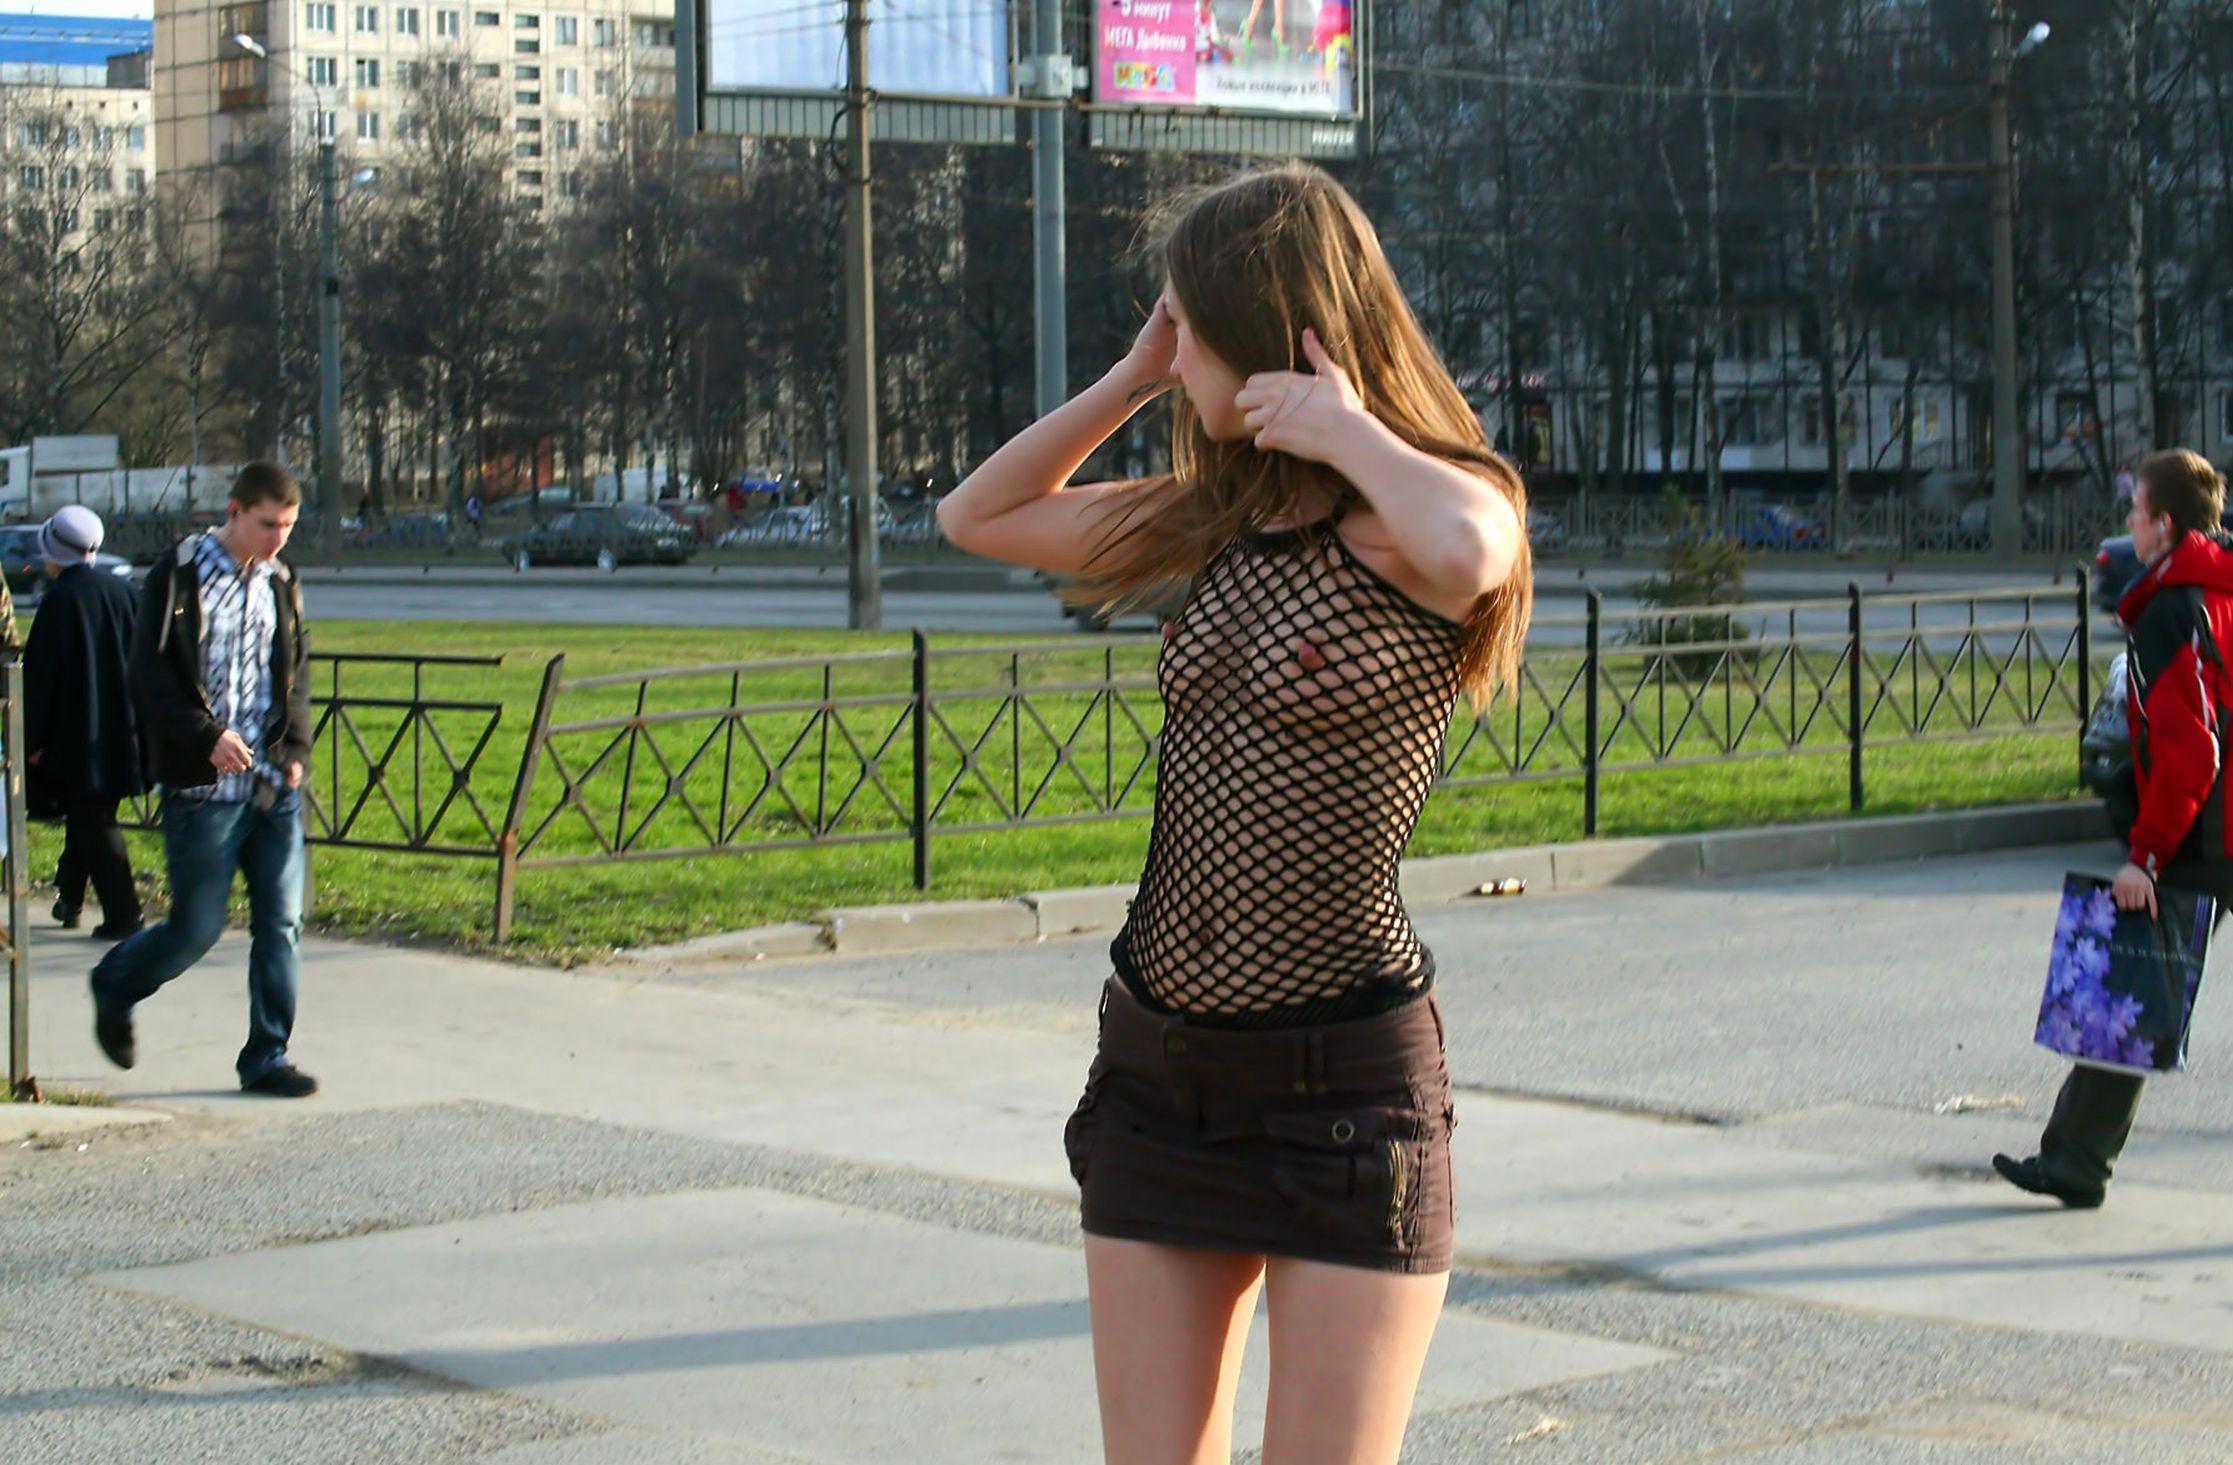 Гулять по улице в прозрачном платье — pic 15